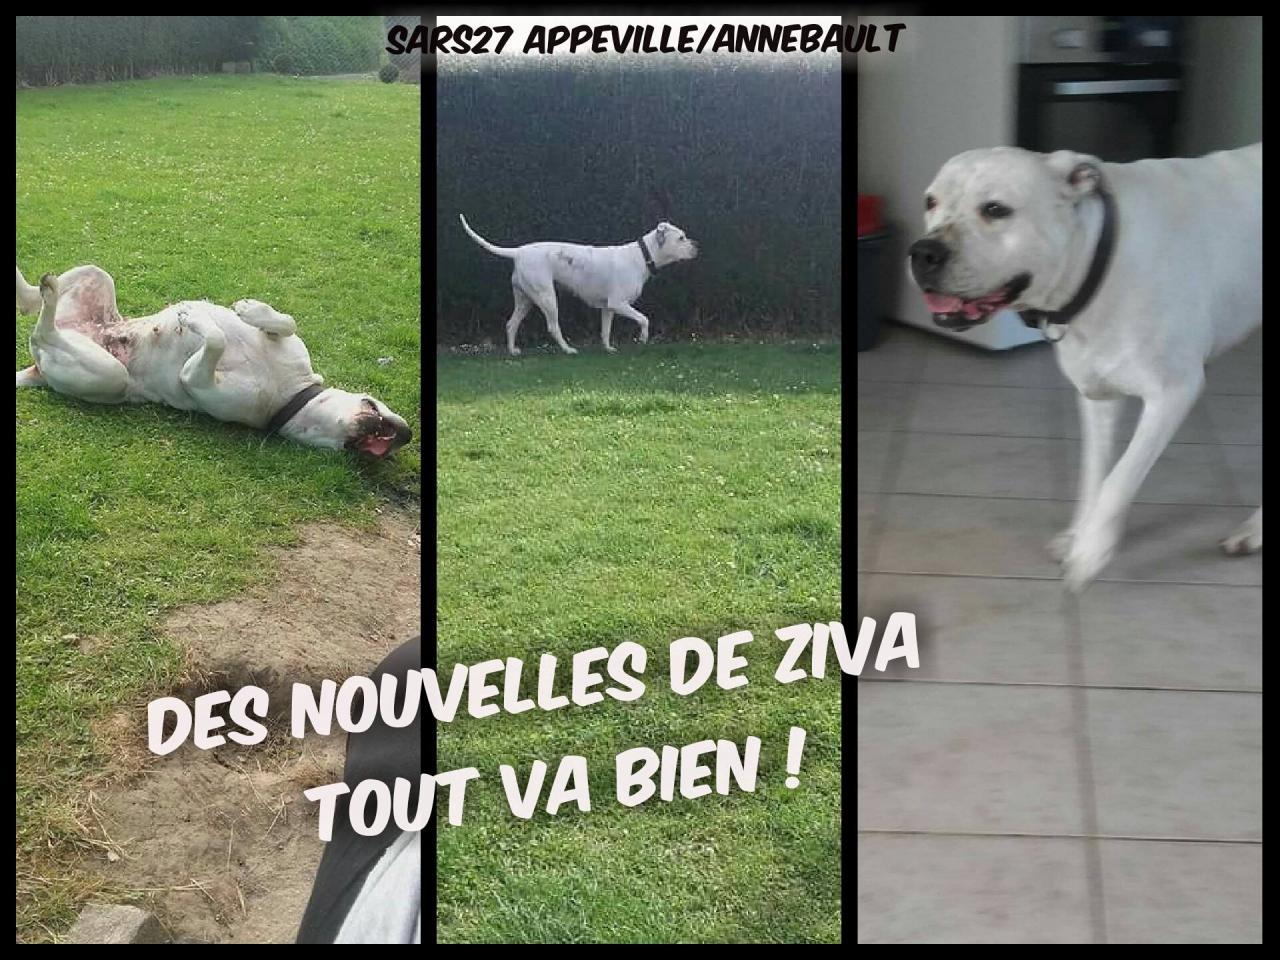 ZIVAsars27